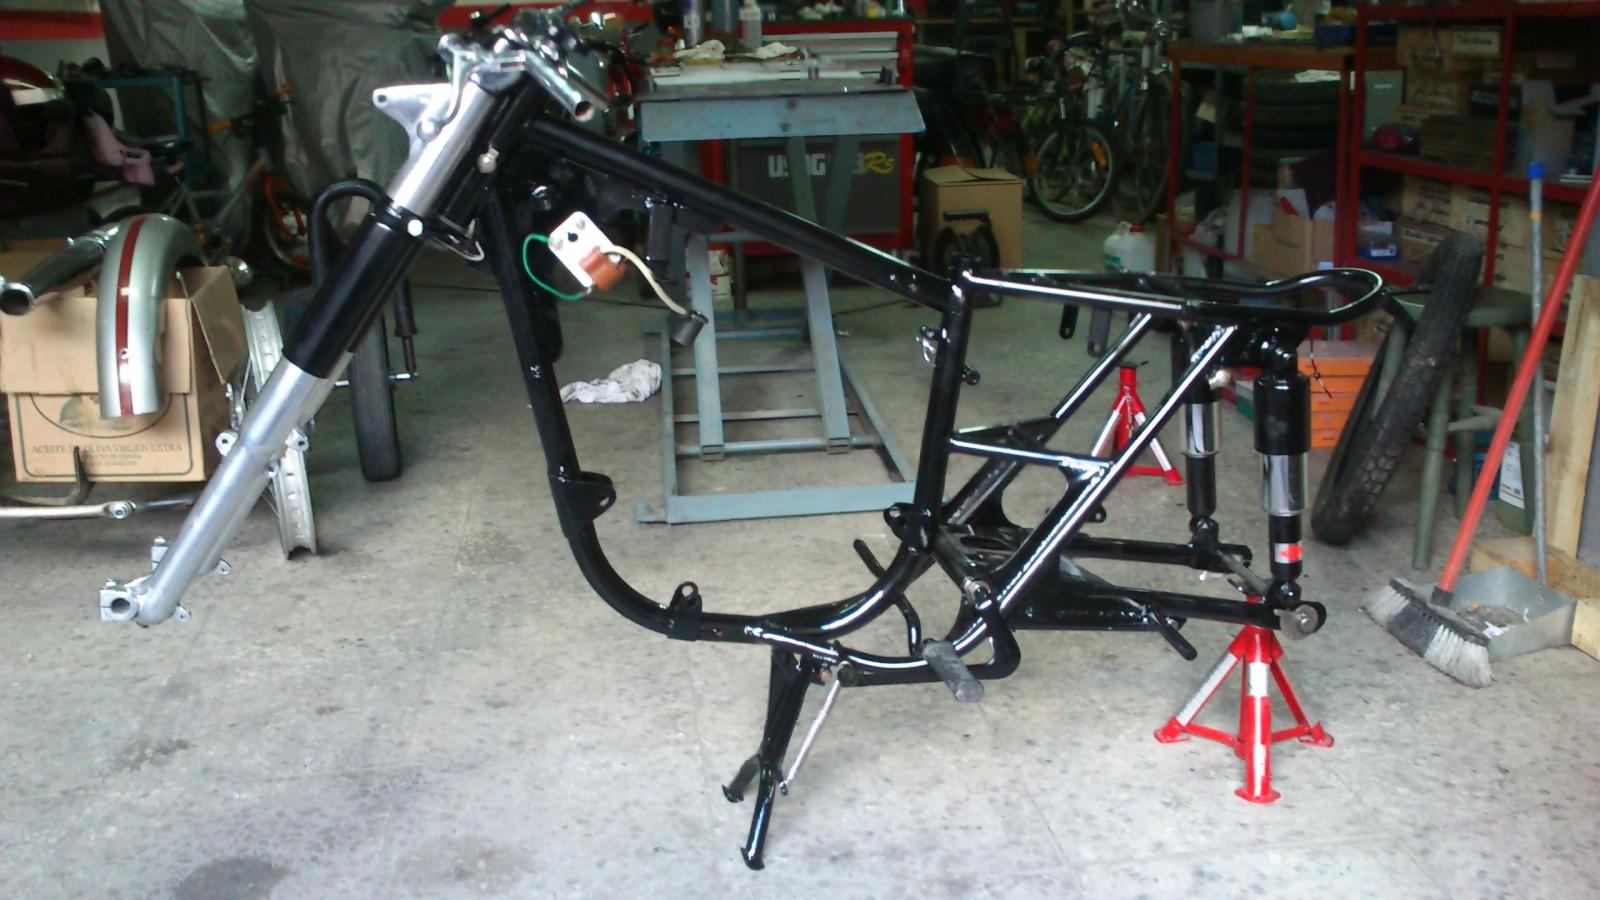 De vuelta a la carretera: Bultaco Tralla 102 2qv6n0k